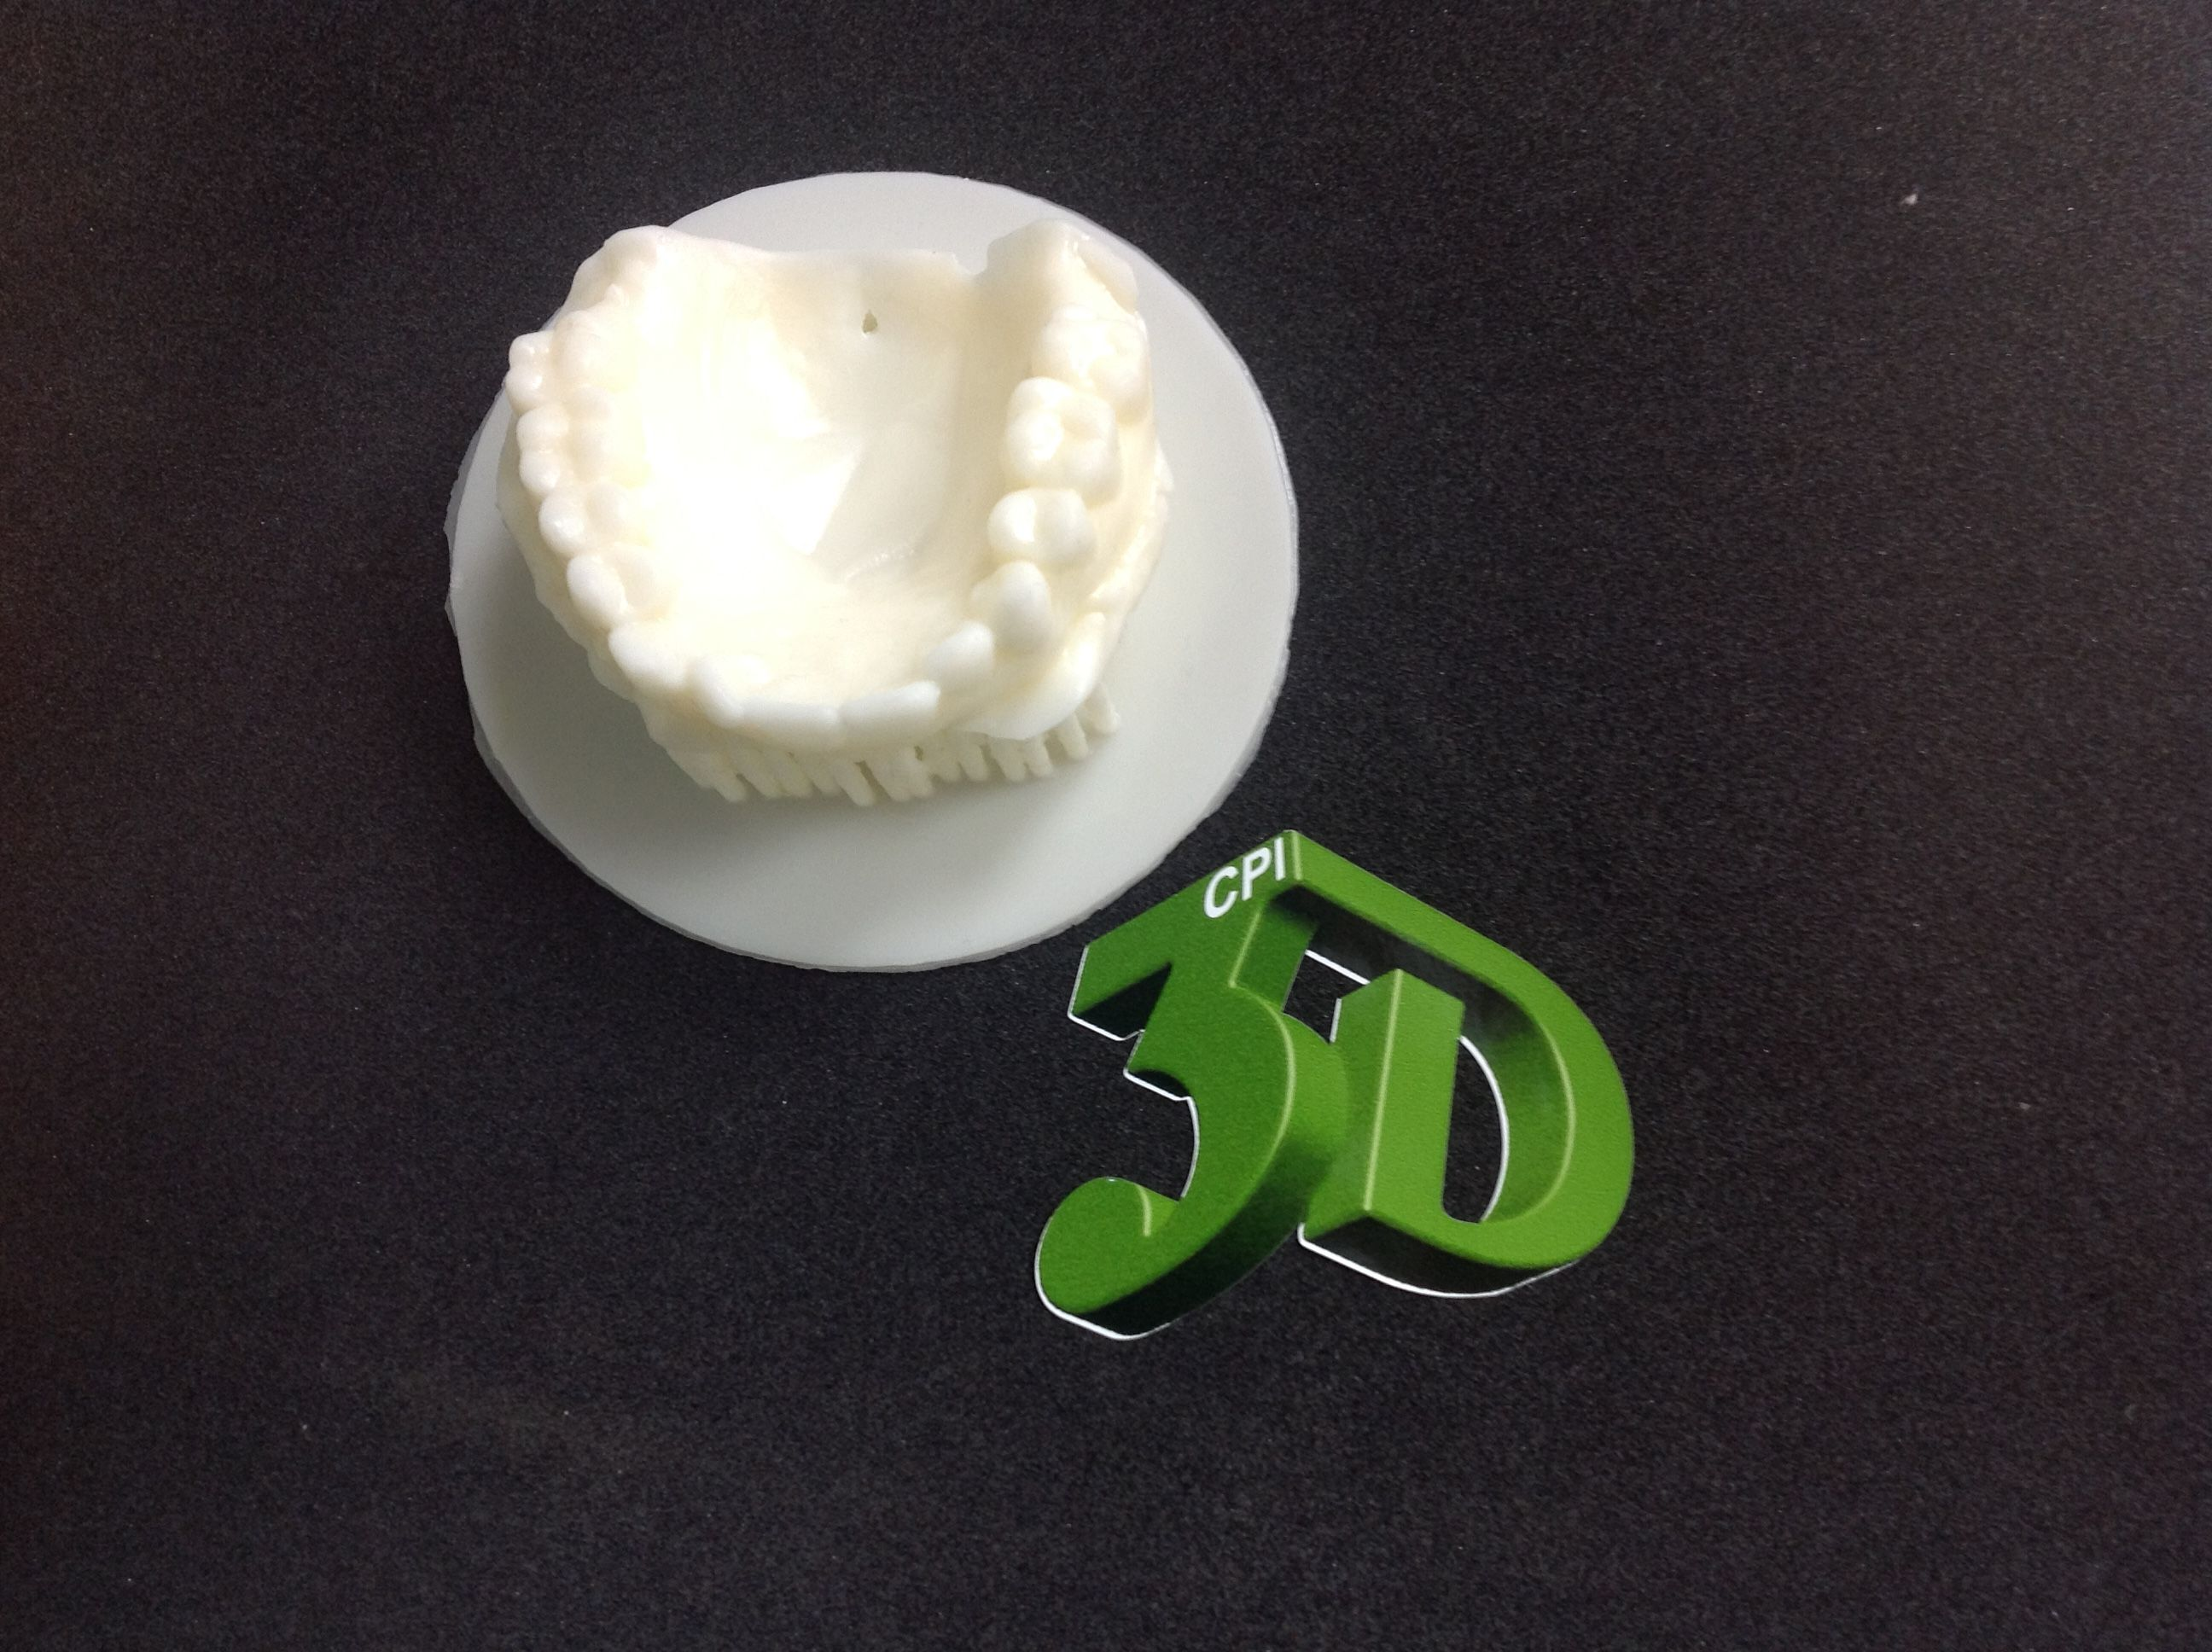 #3dprinter#dental3d